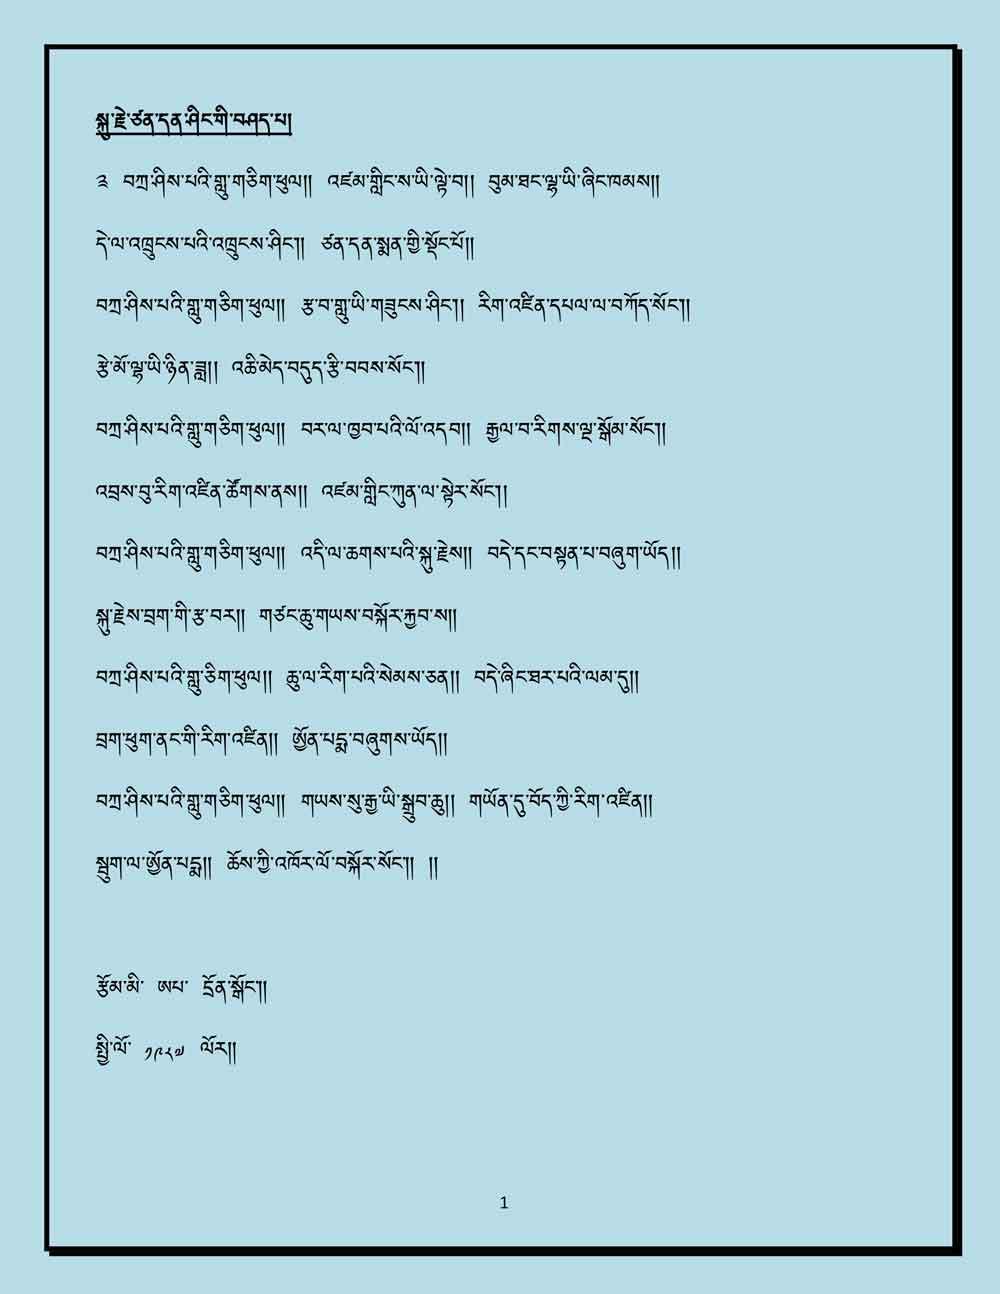 Ap-Dengo-Lyrics-1.jpg